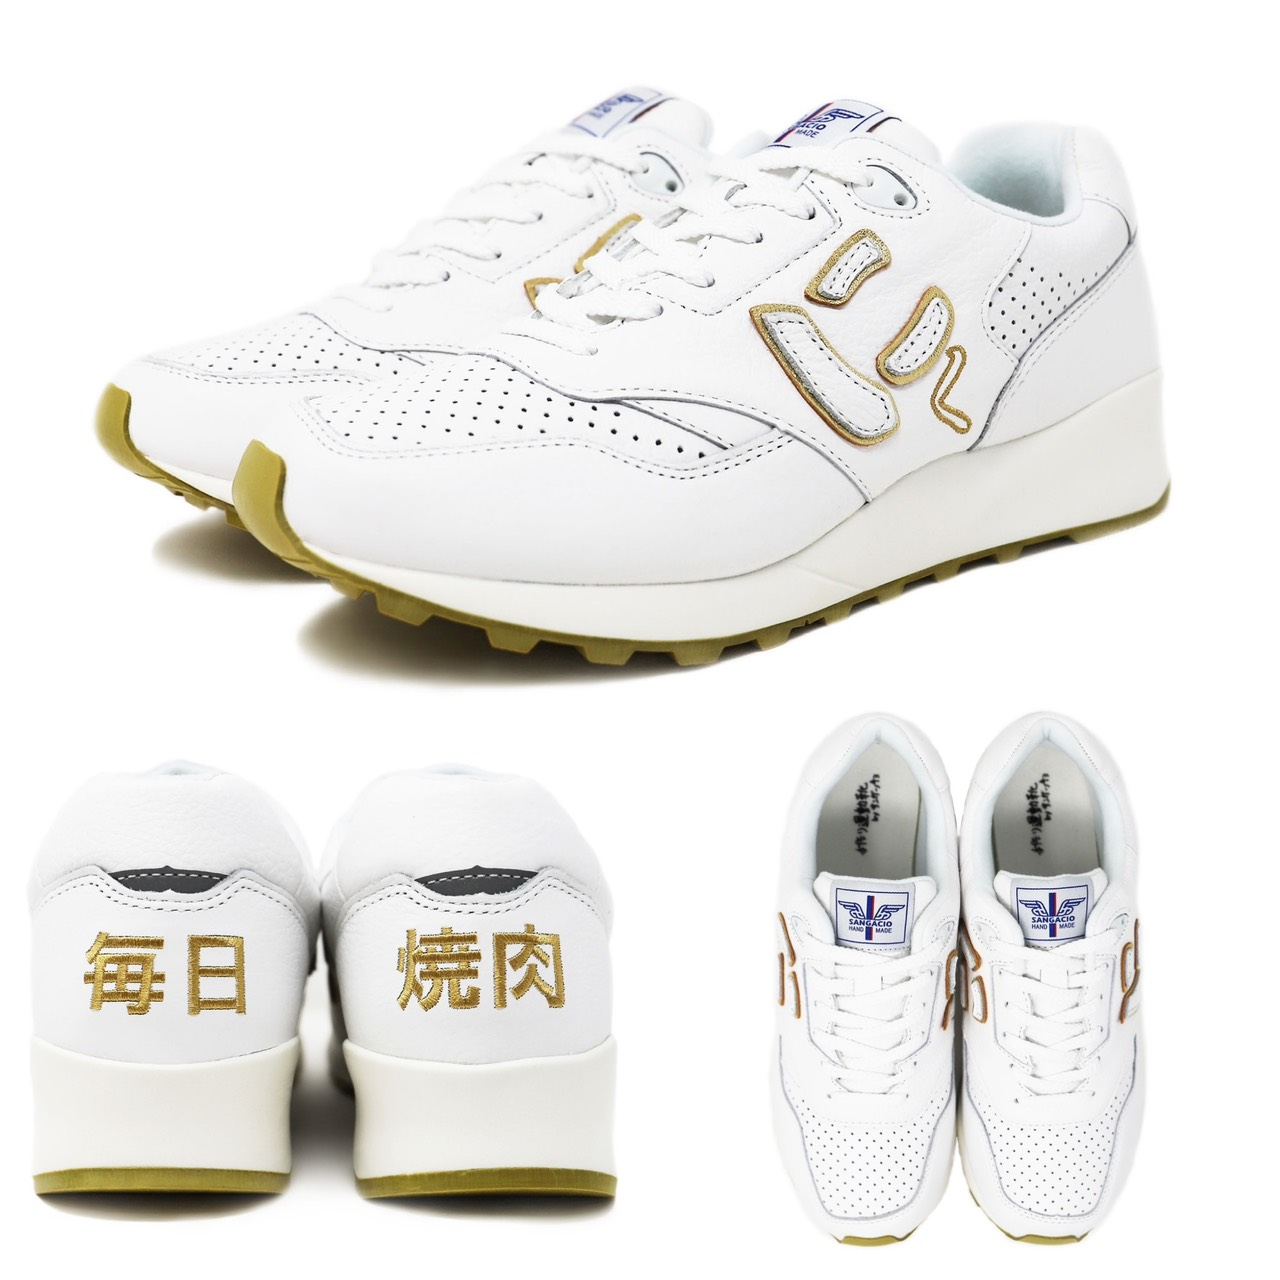 Yakiniku sneakers from Japan let you